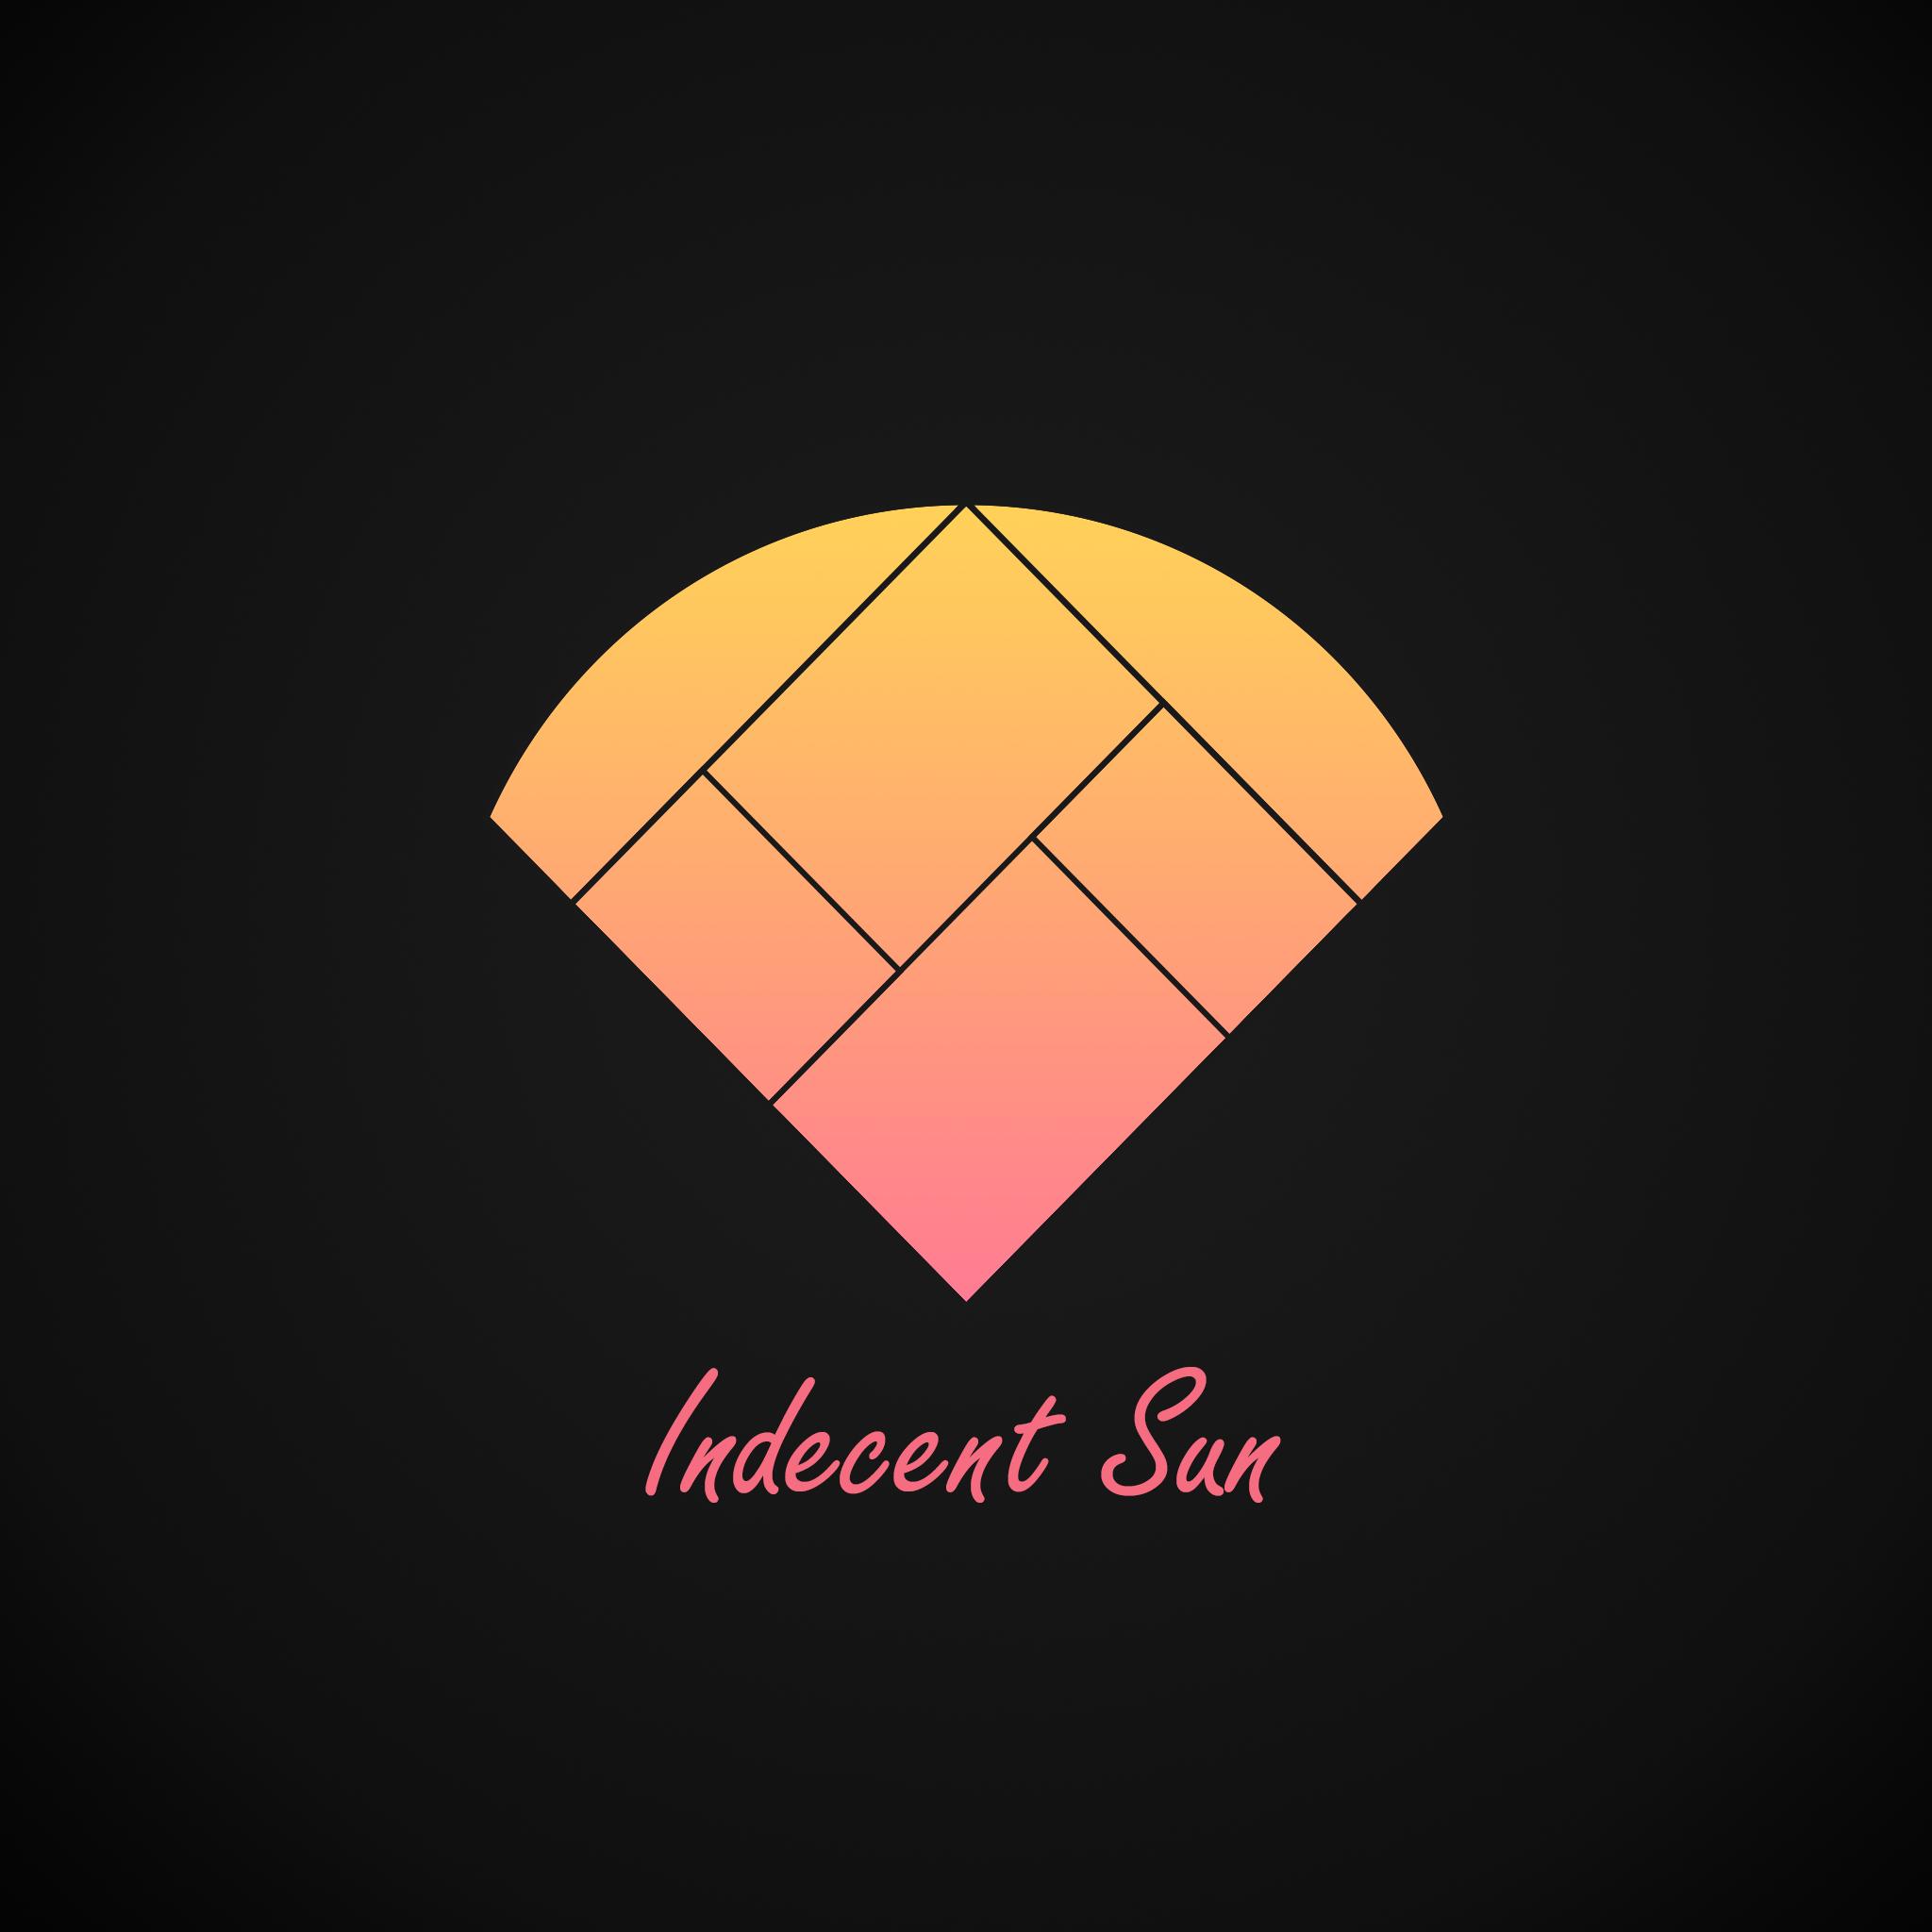 Indecent Sun